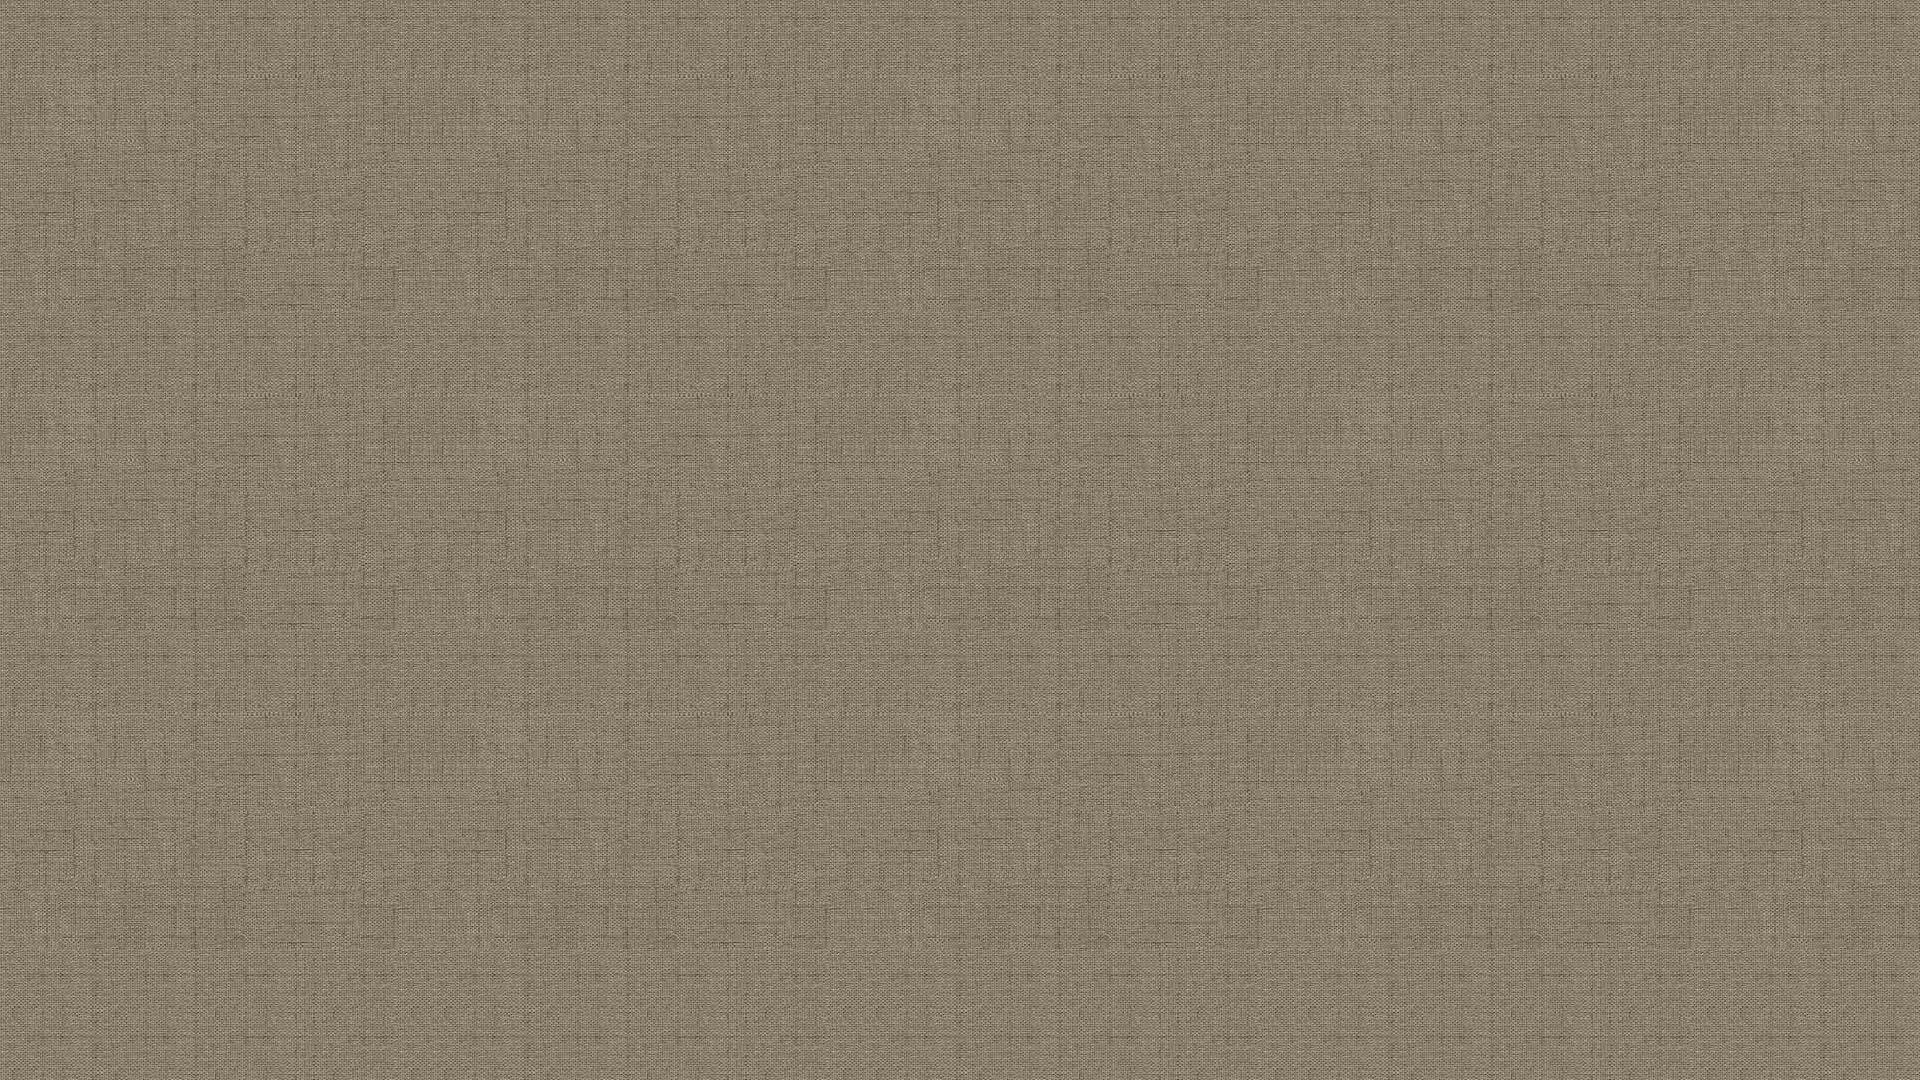 кофейные зерна мешковина ткань  № 3696103 бесплатно